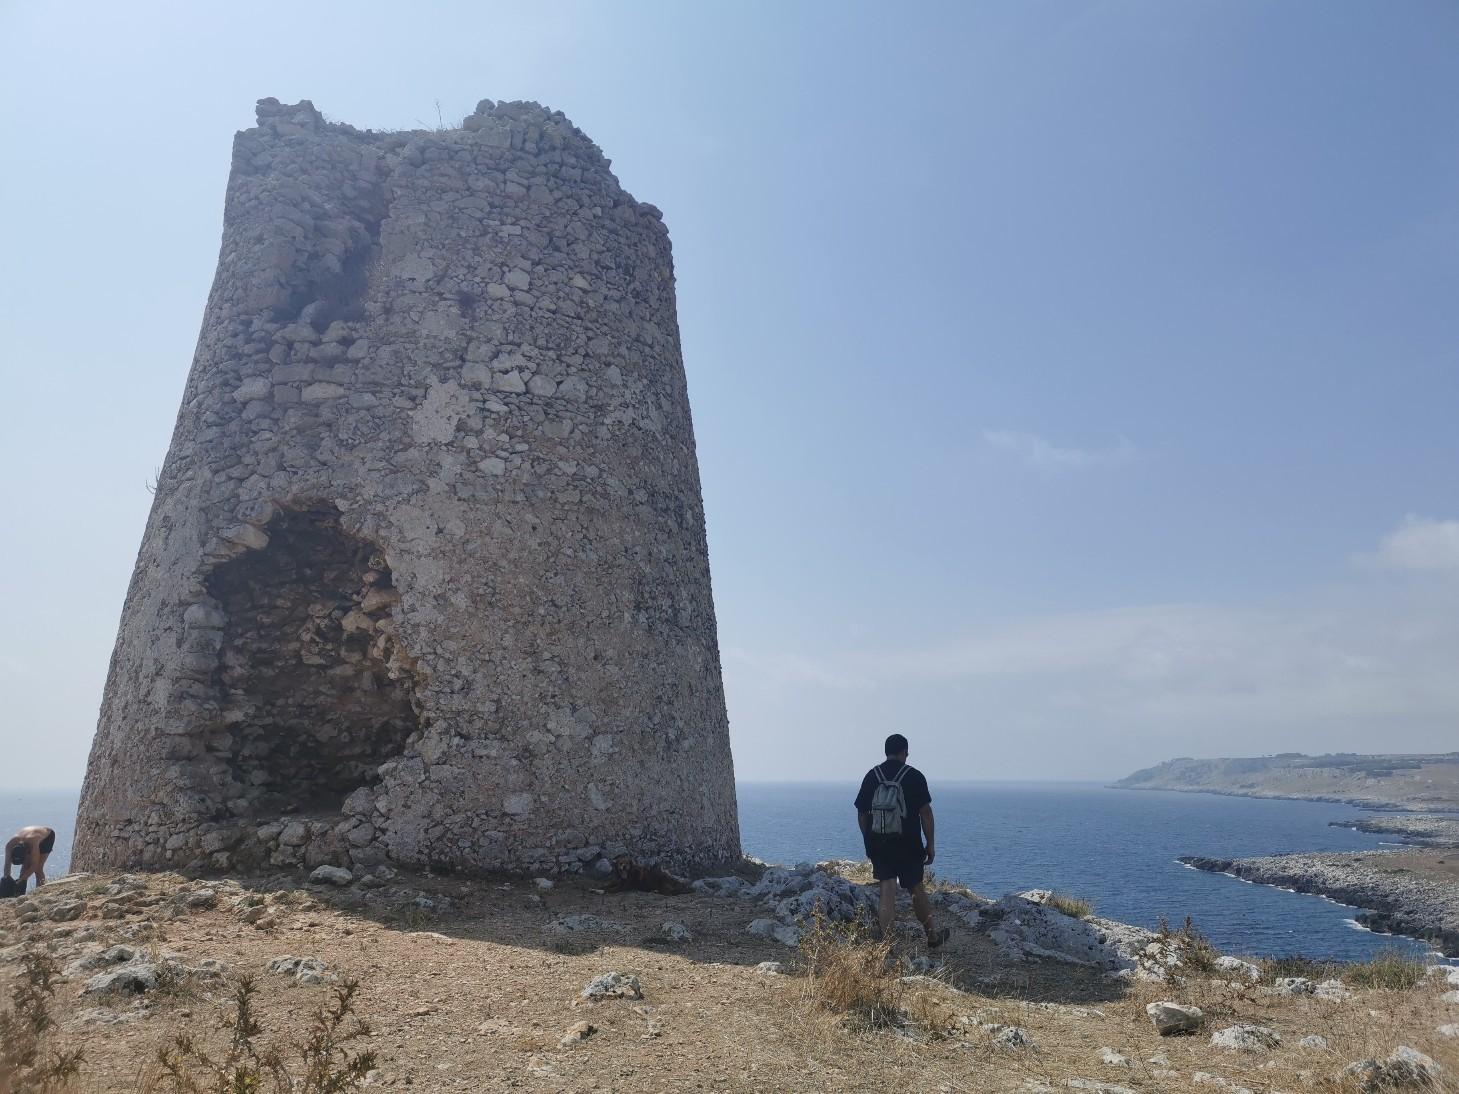 エメラルドグリーンの入り江と丘の上の塔~プーリア滞在記_f0106597_03394764.jpg